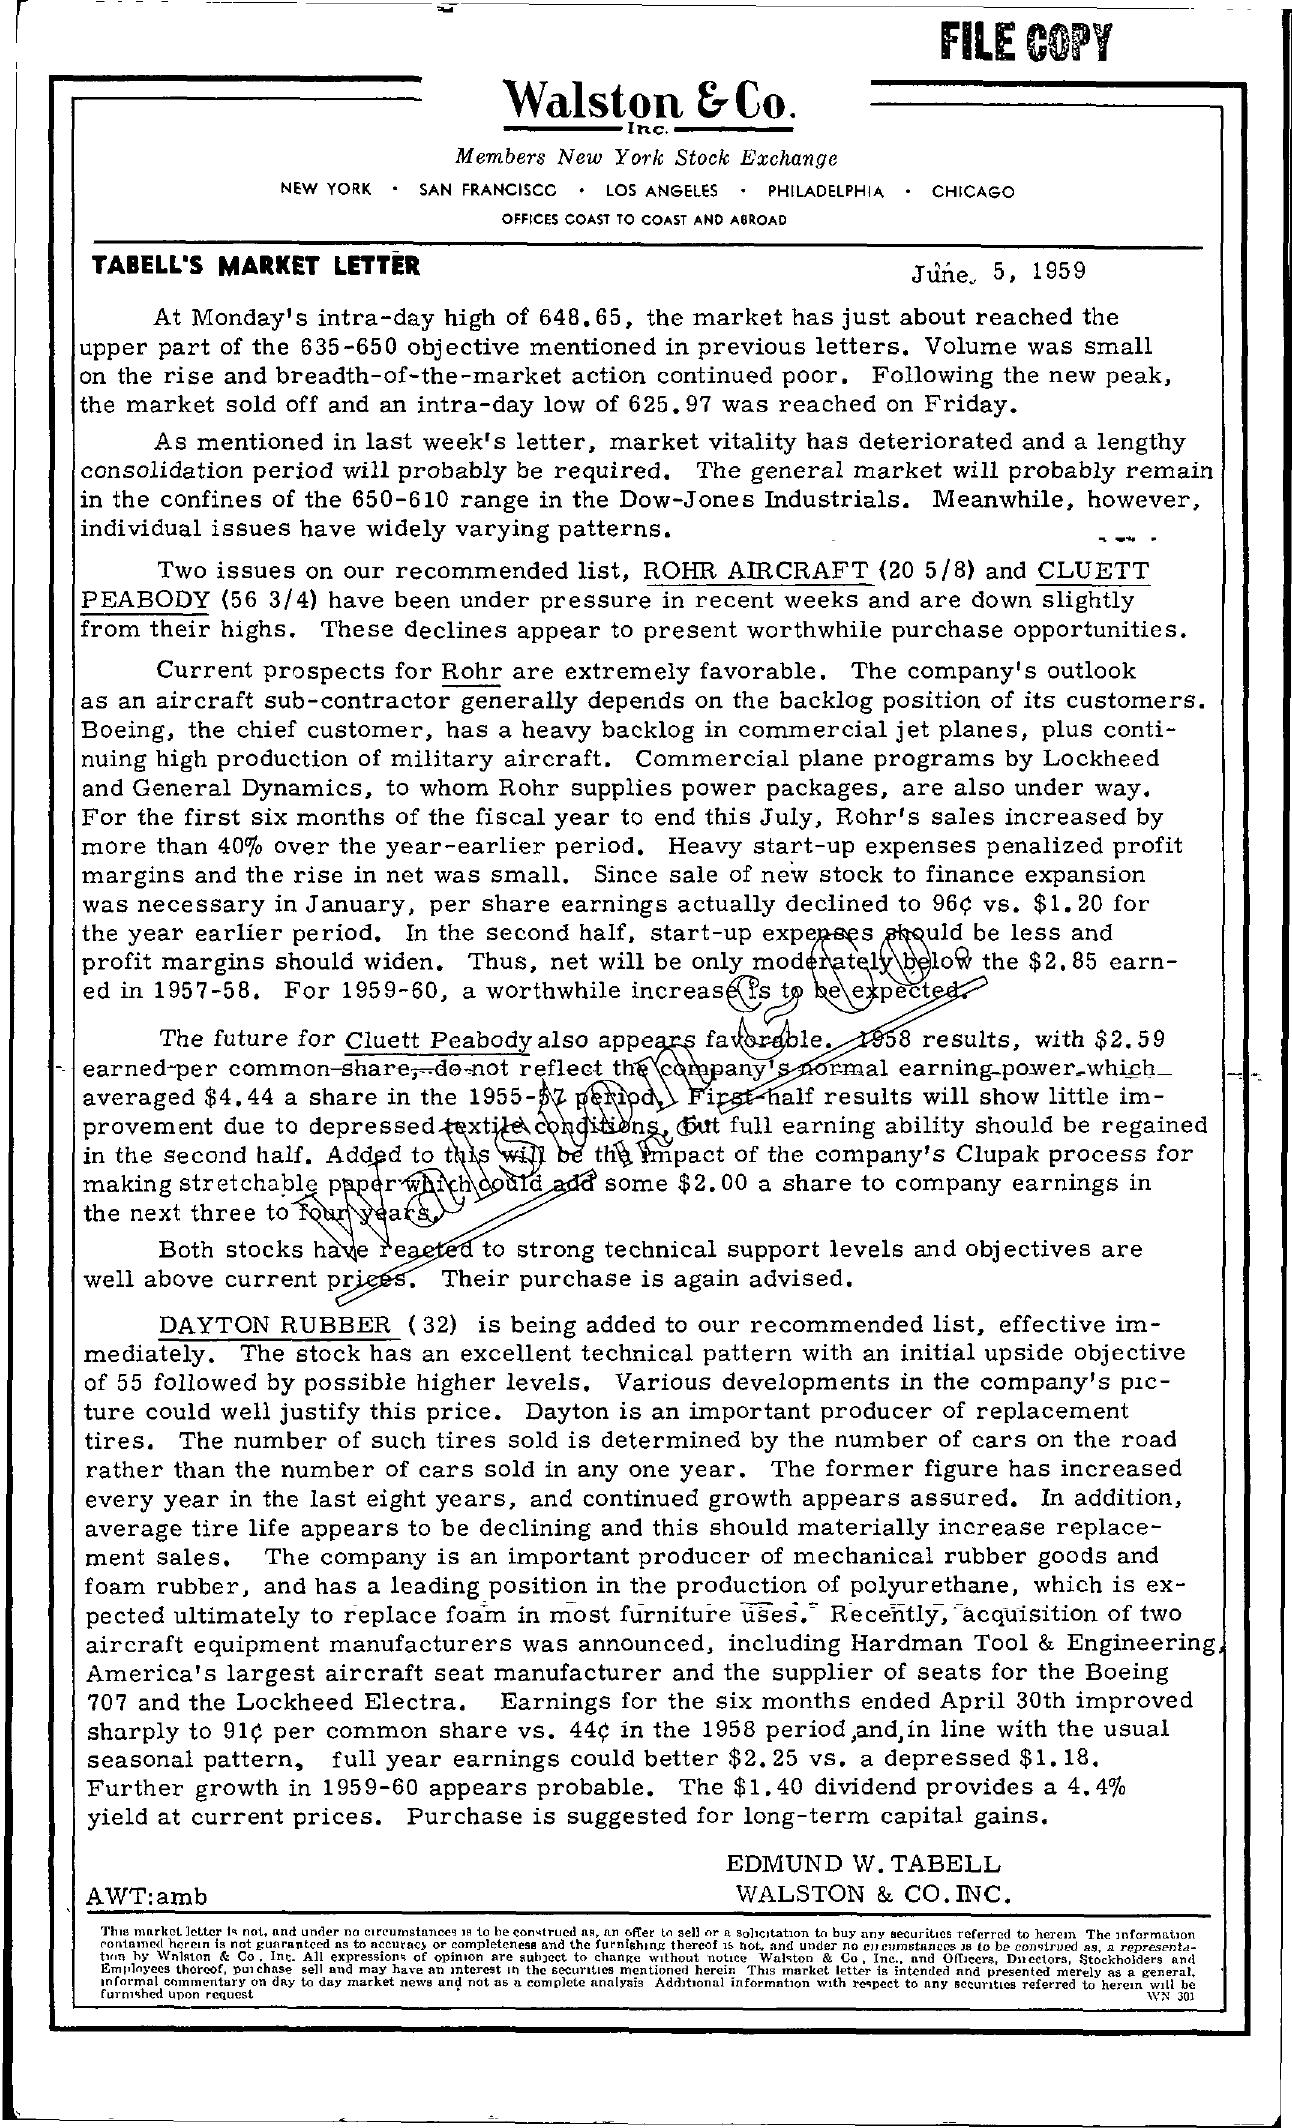 Tabell's Market Letter - June 05, 1959